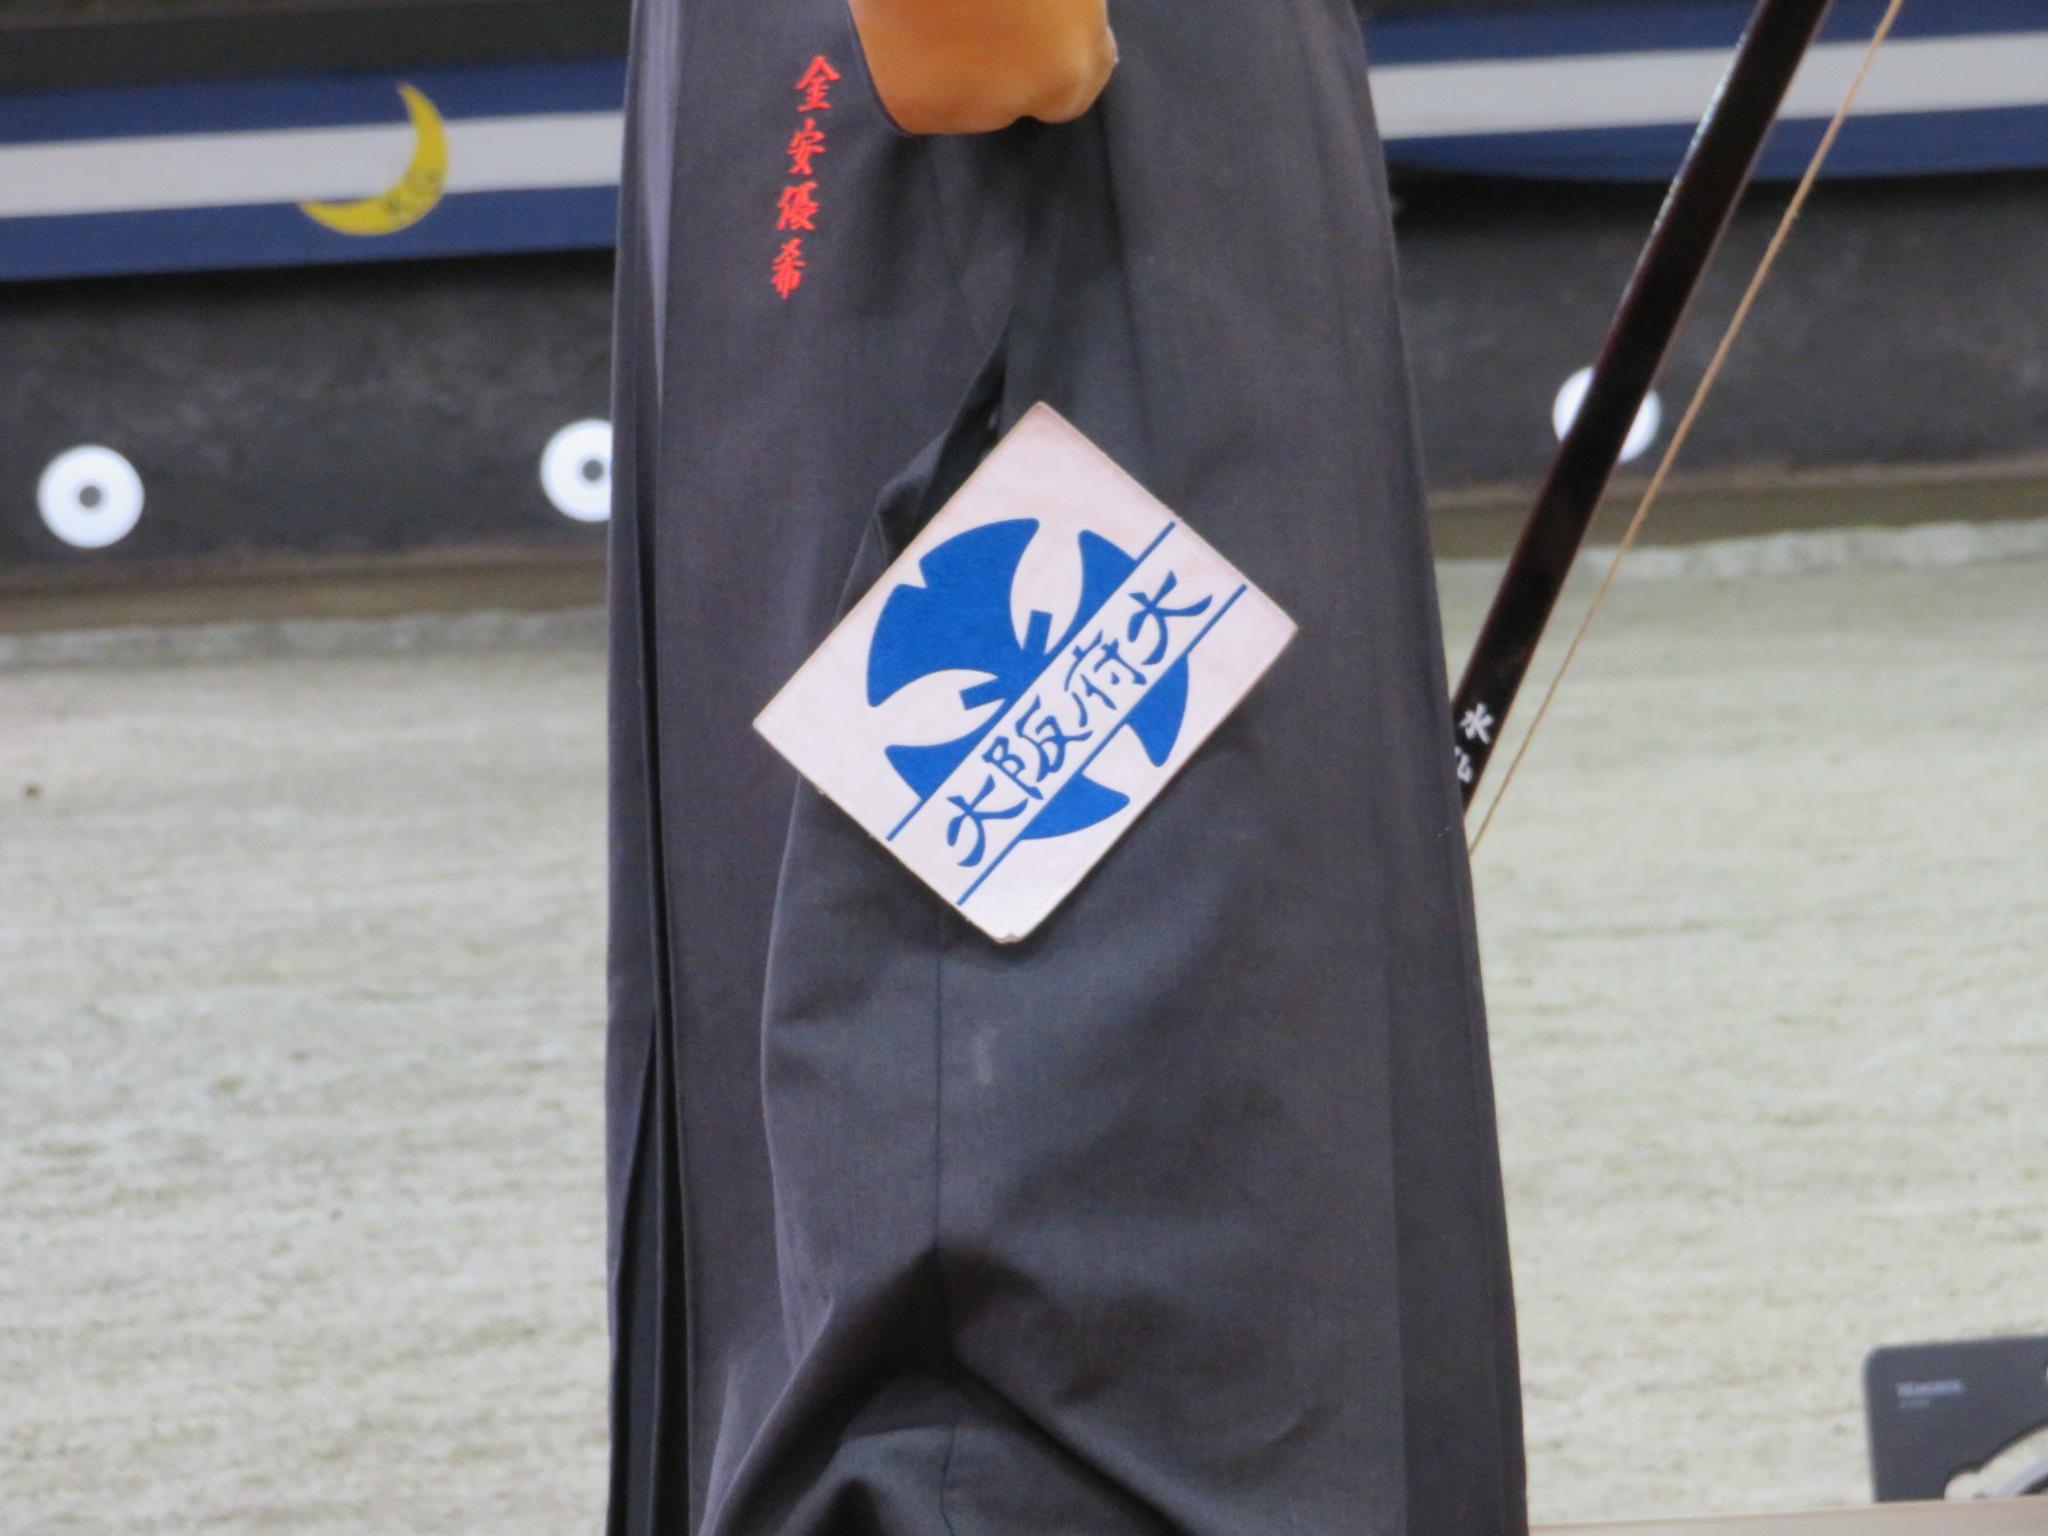 今日の対戦相手は大阪府立大学さん、弓道でも名門校です